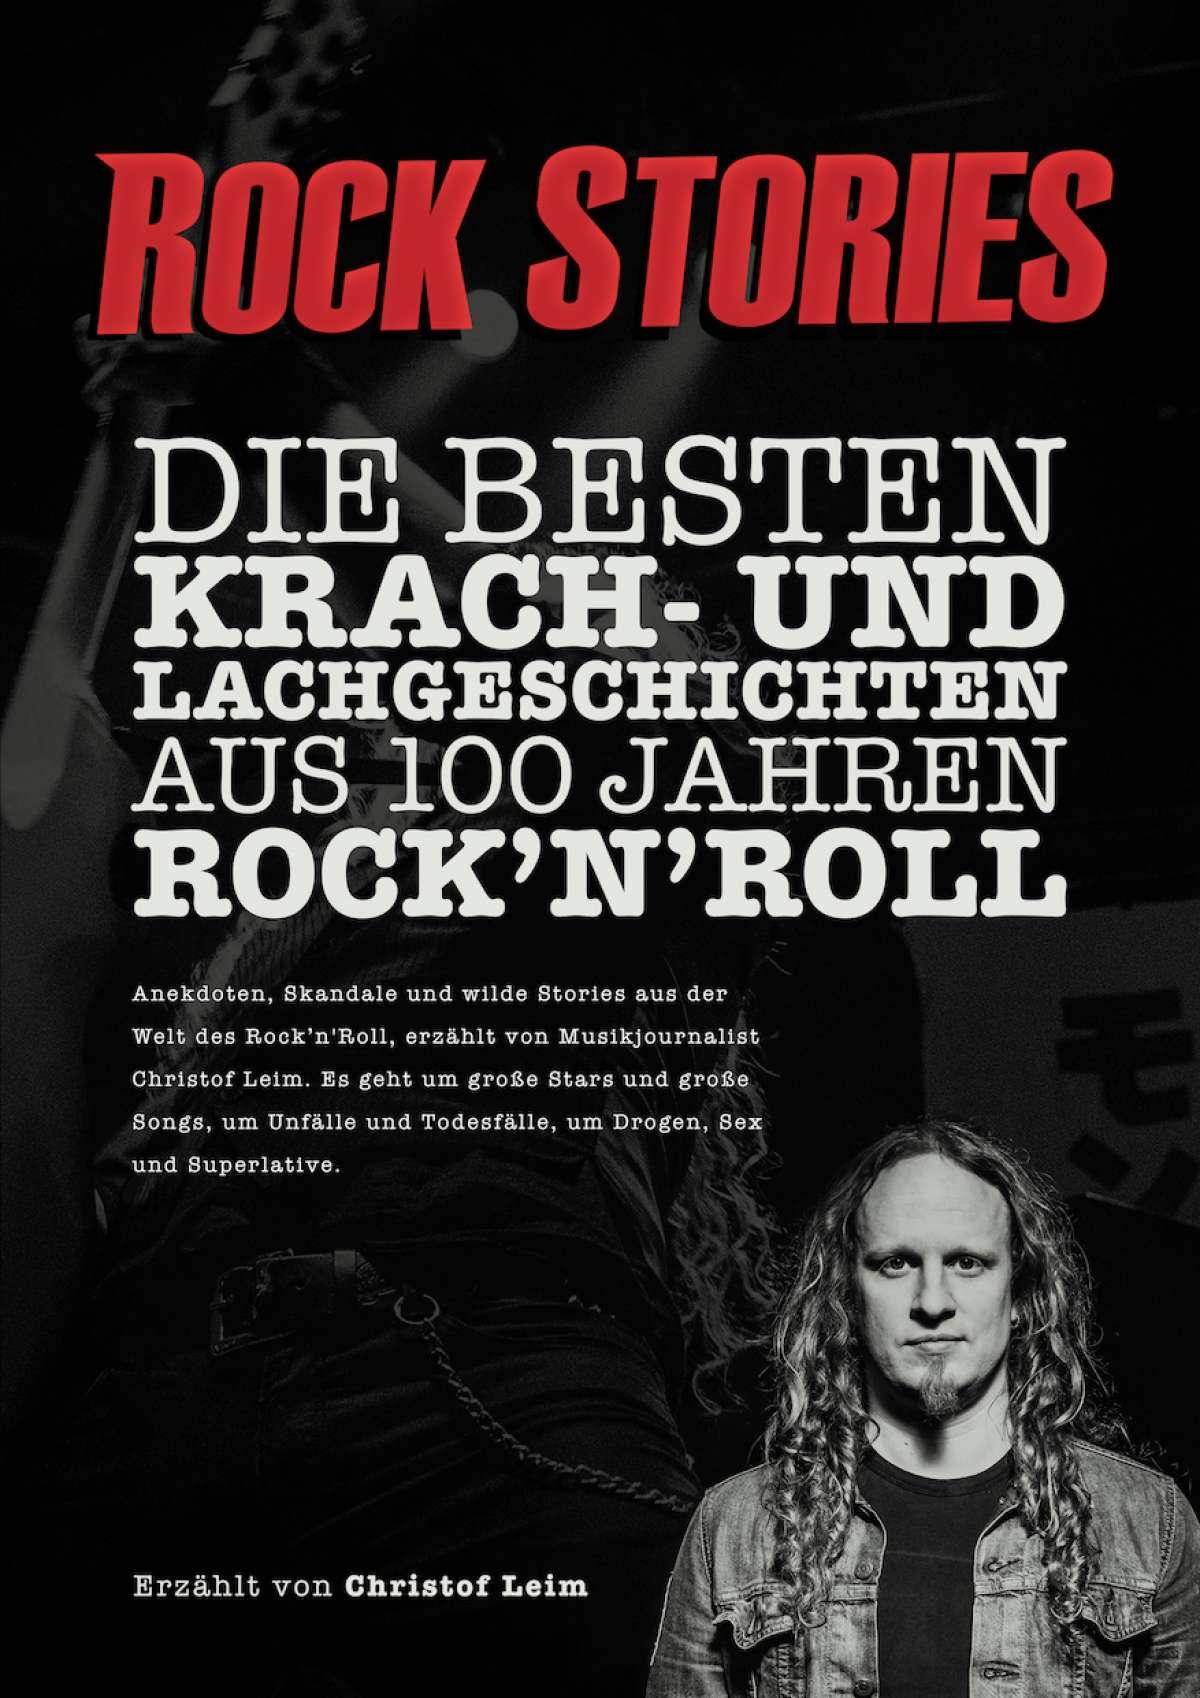 Die besten Krach- und Lachgeschichten aus 100 Jahren Rock'n'Roll